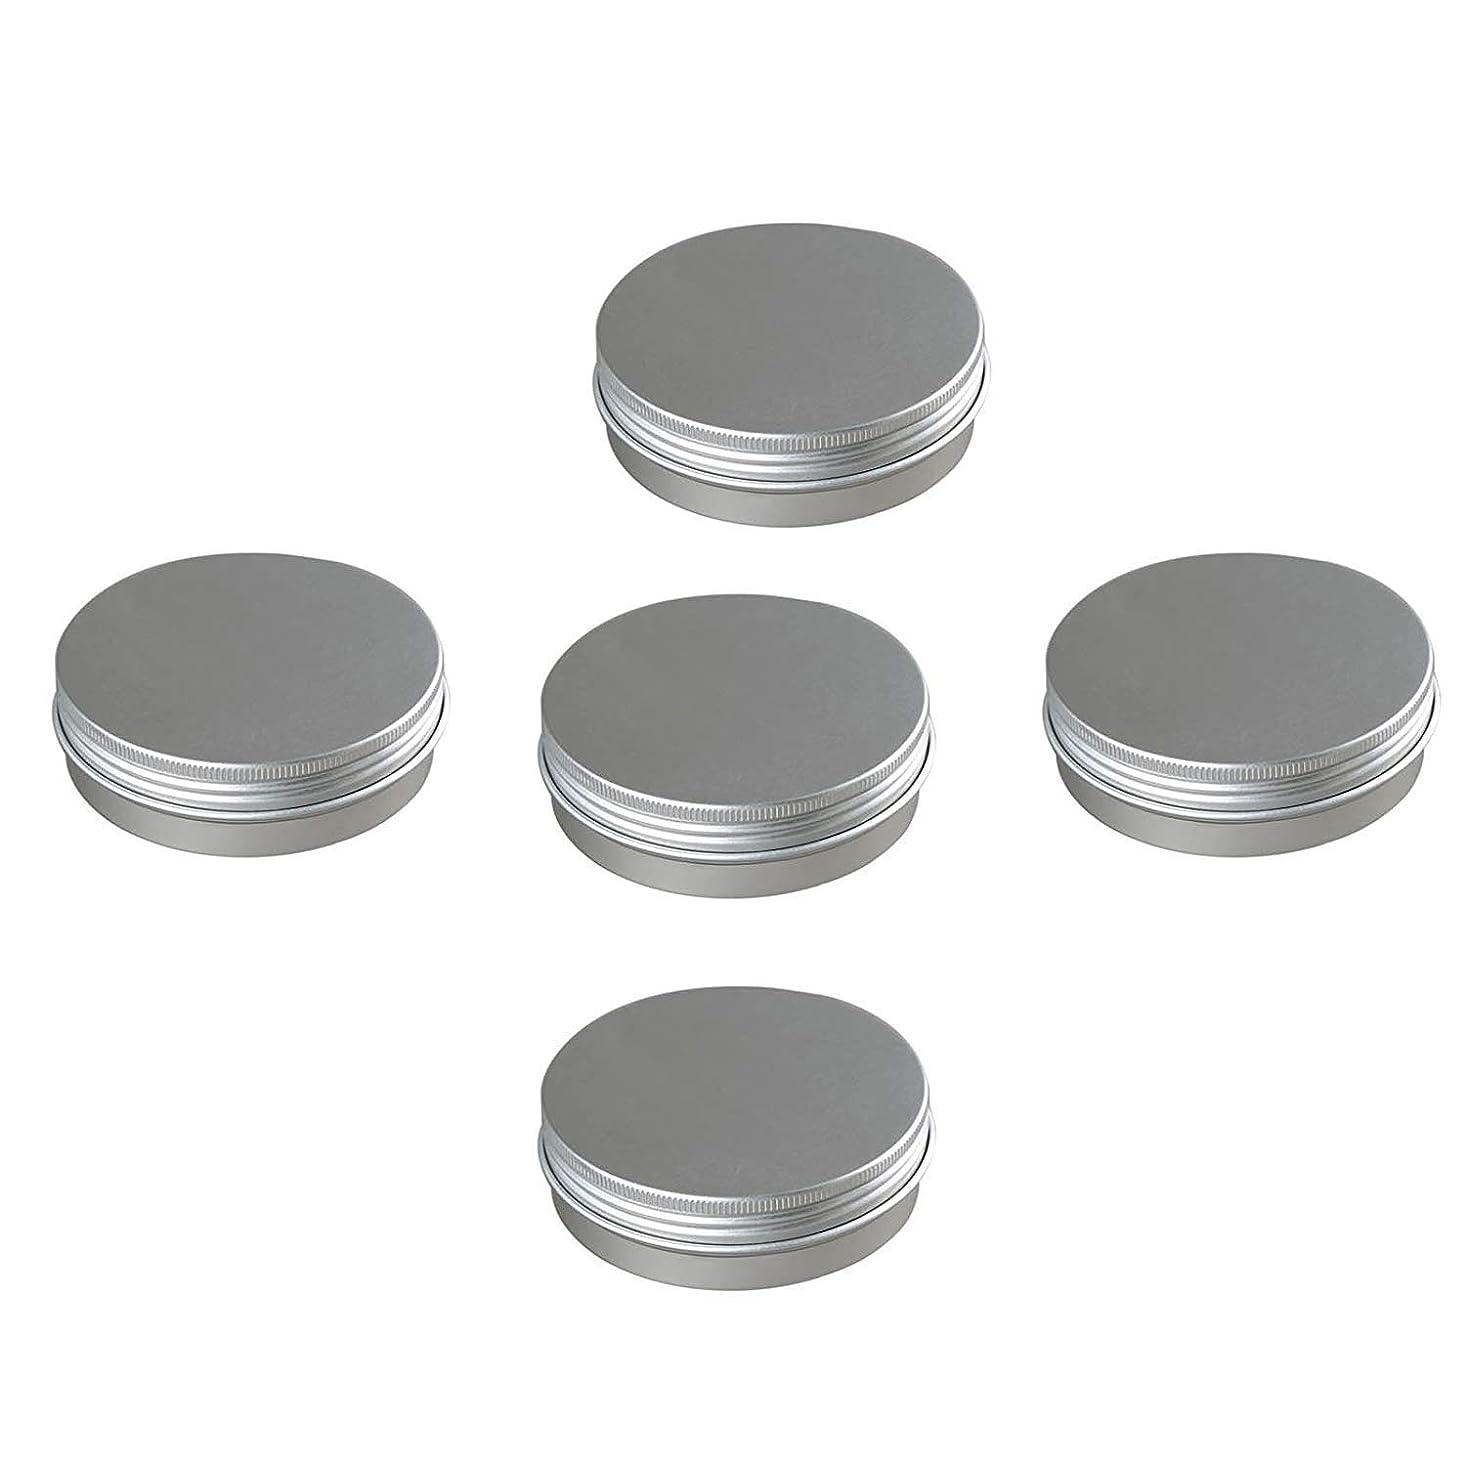 北家過剰5個入りセット 100g 化粧品用 詰め替えボトル アルミ製 小分け容器 化粧品 携帯用 収納 旅行用品